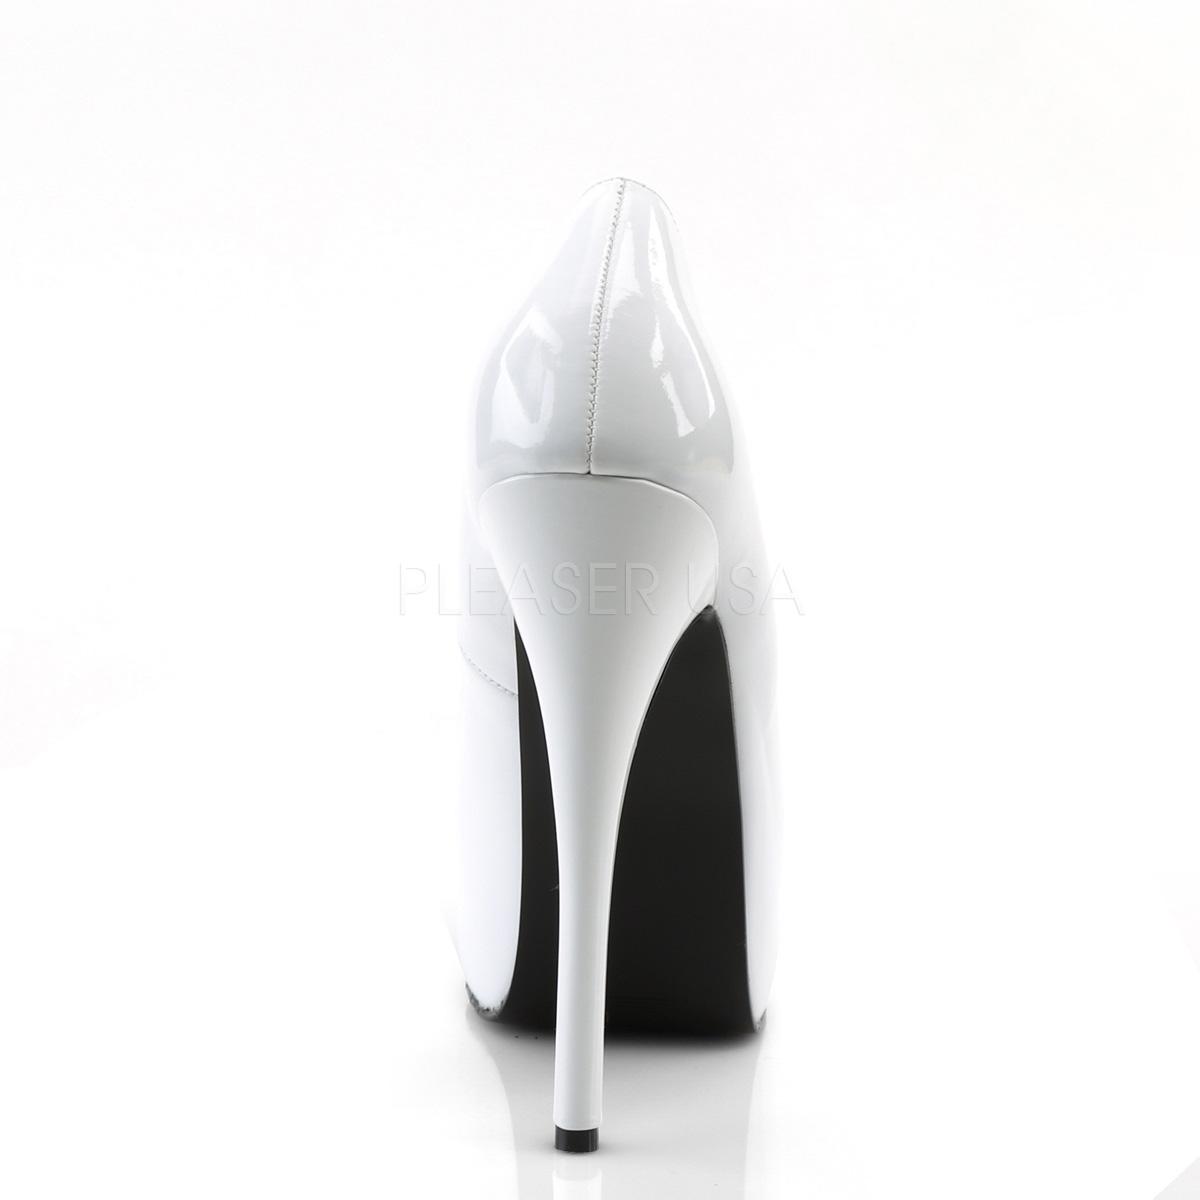 BORDELLO 厚底パンプス TEEZE-06 ホワイト(エナメル)白 PLEASER◆取り寄せ